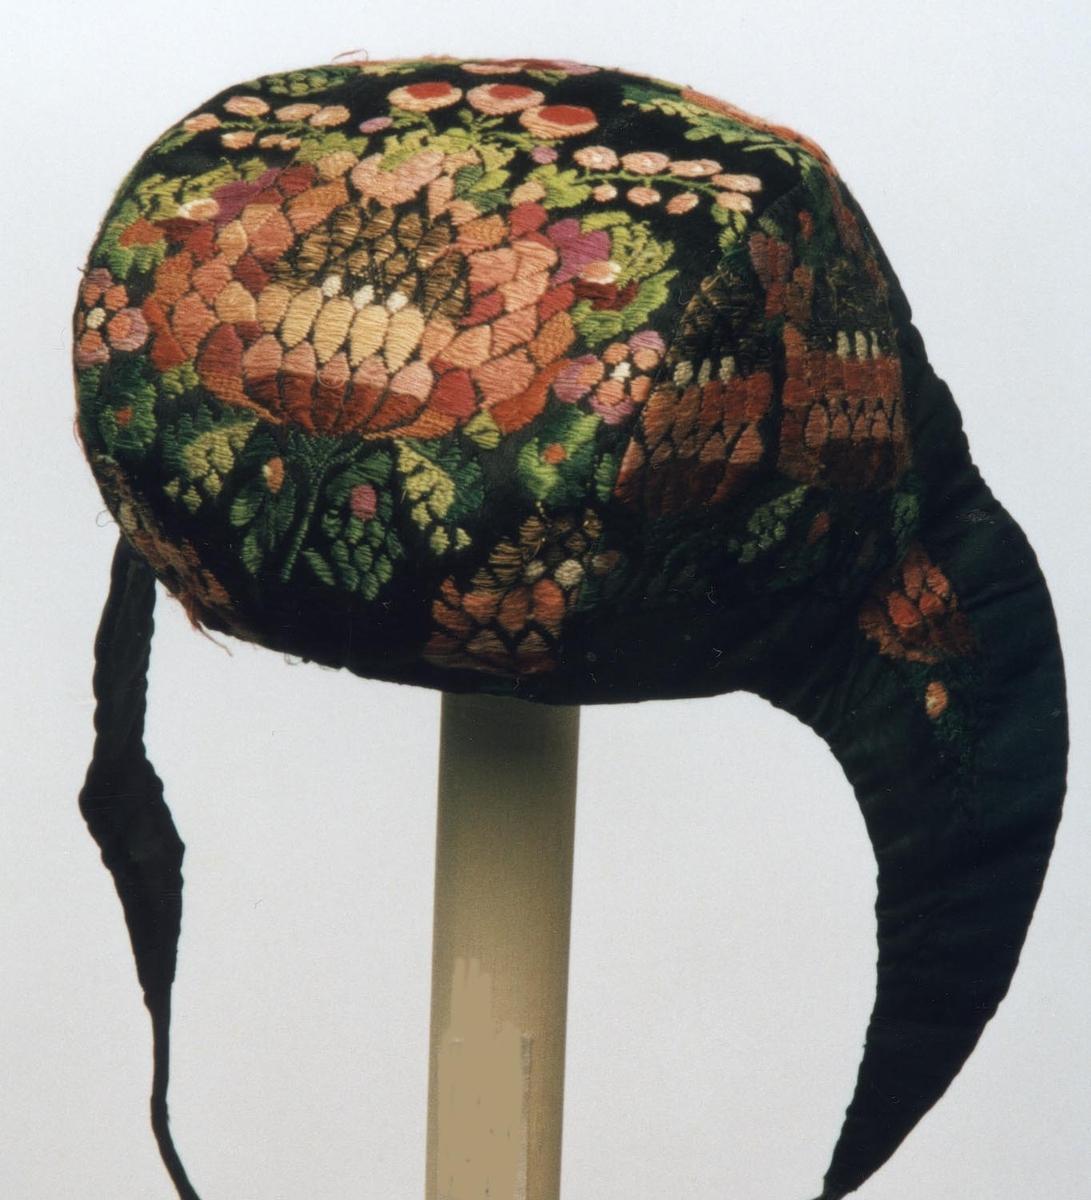 Vevet og utbrodert mønster i frodige farger. 2 knyttebånd. Opplysninger gitt av faglærer ved Kunsthåndverksskolen på Røros, Eva Wahl Sandnes, november-1977.